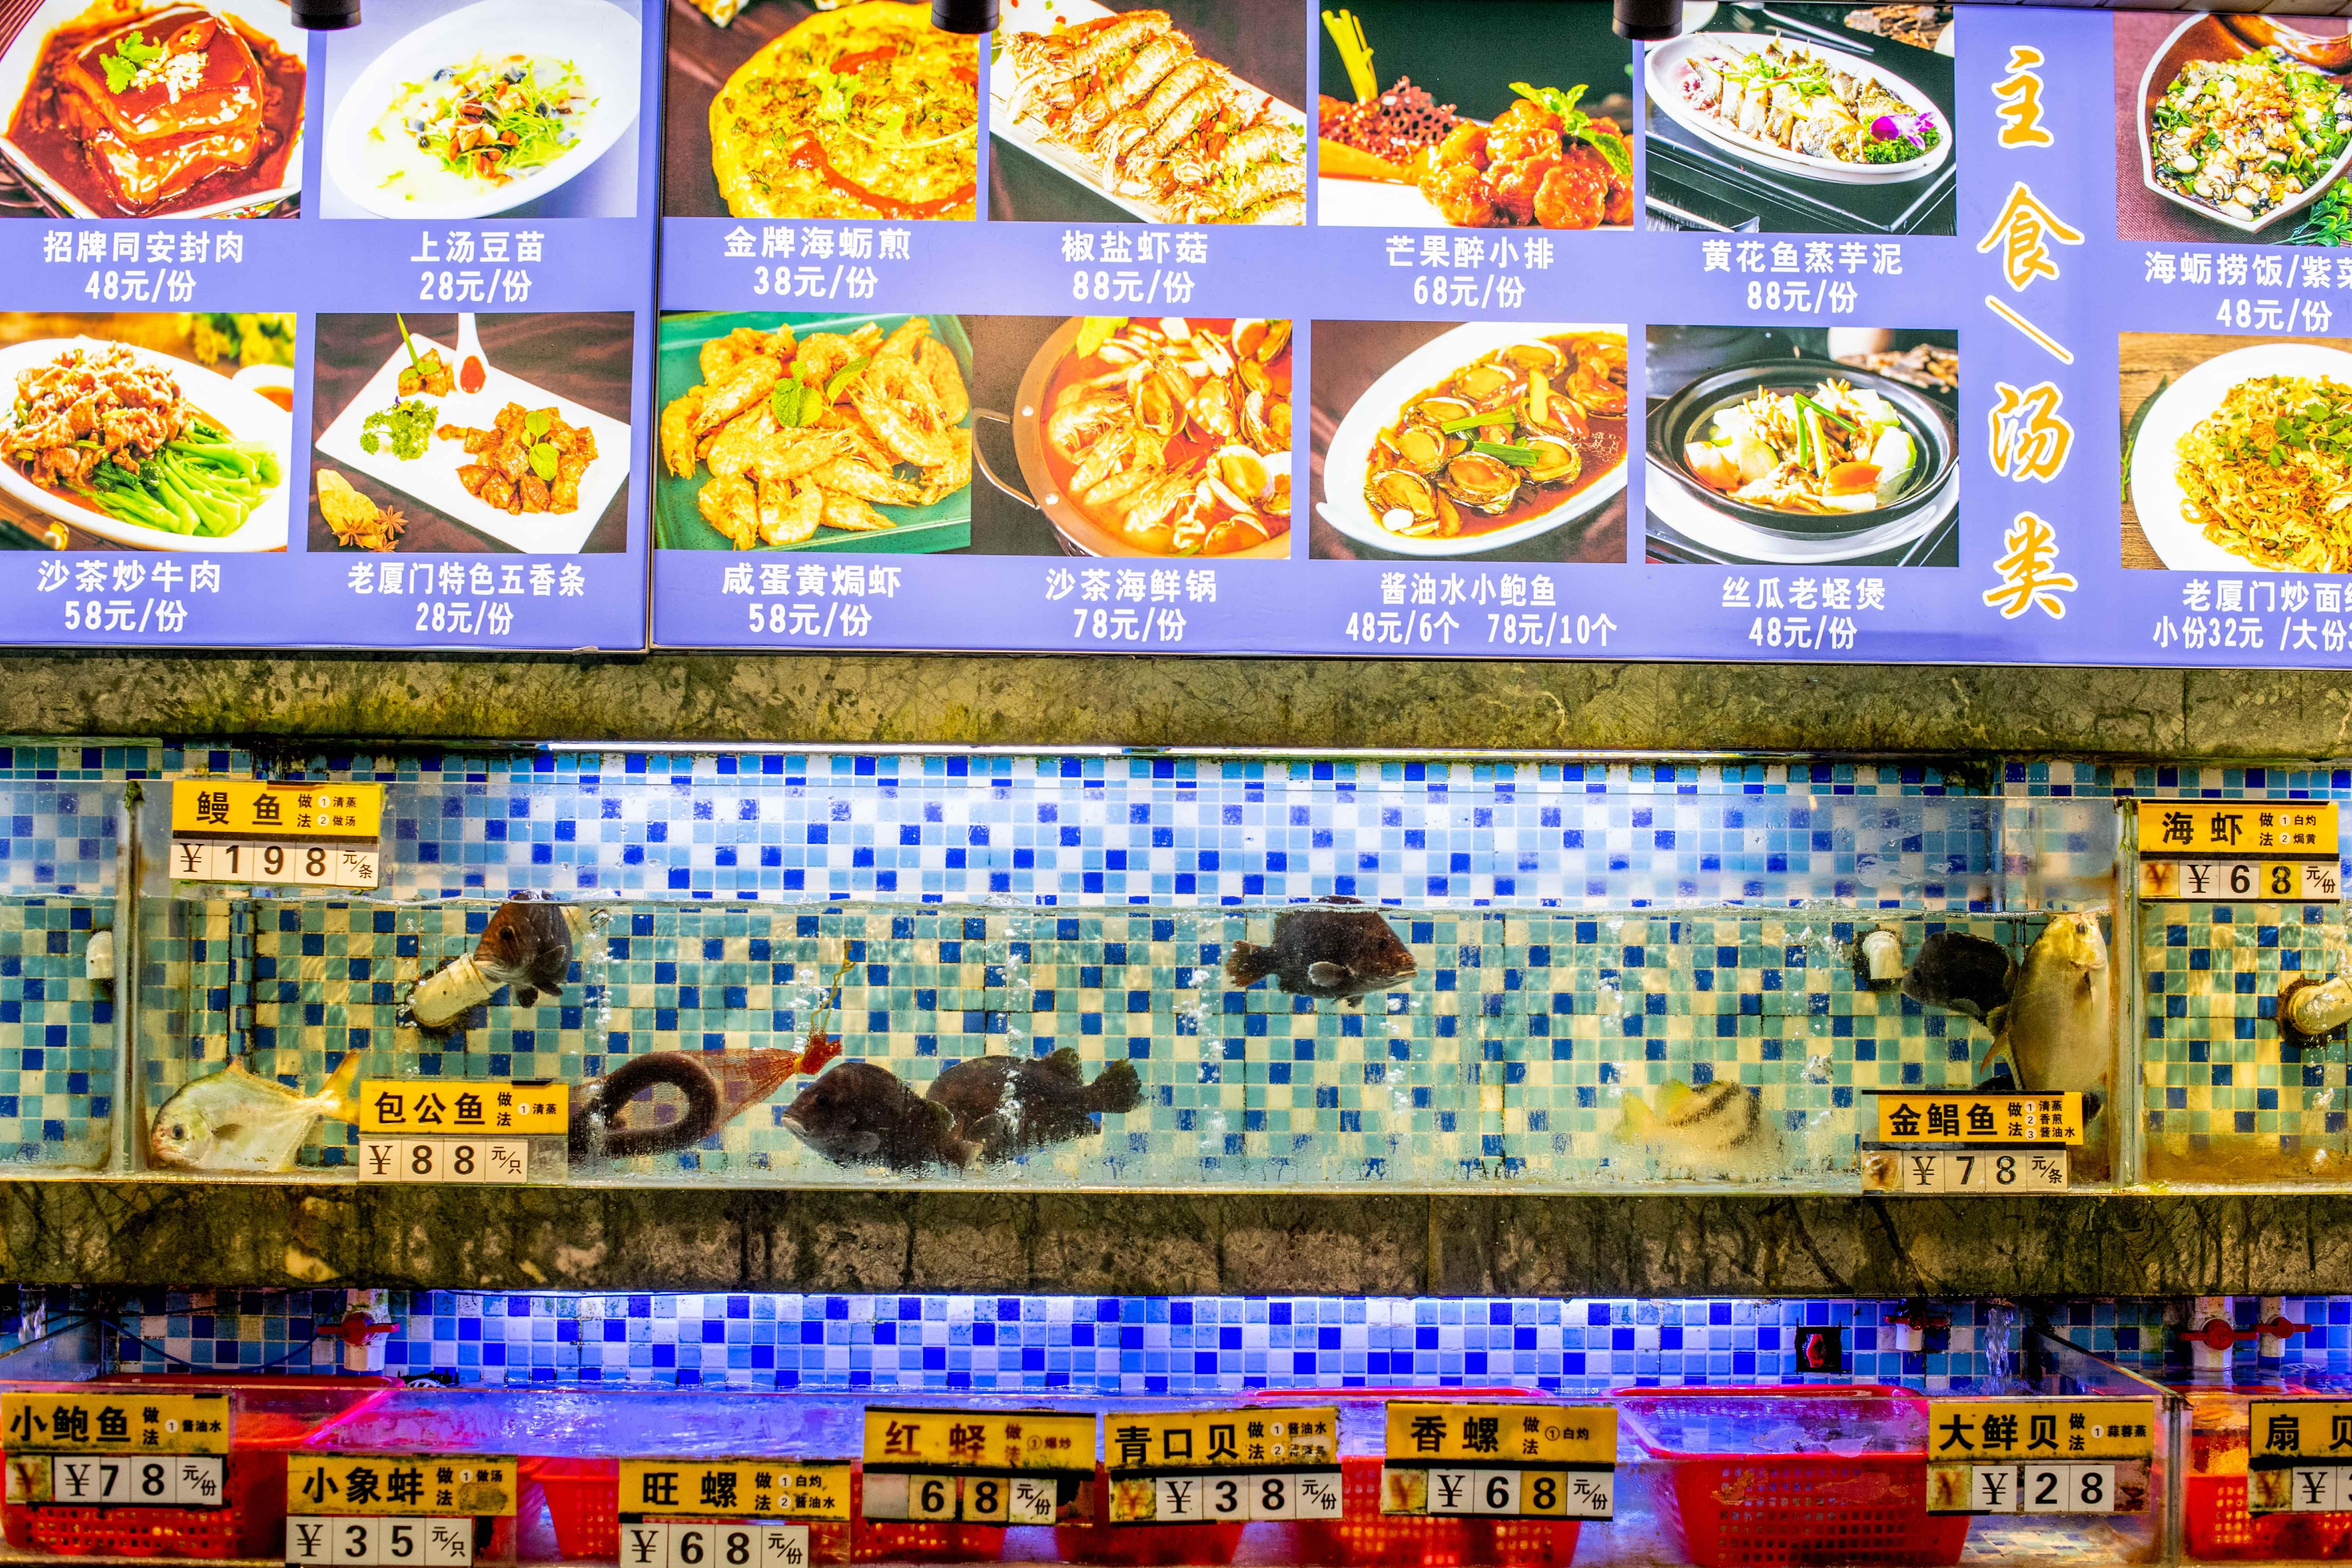 原创             去厦门旅行该吃什么?这里的闽南菜最正宗,去厦门必去打卡!